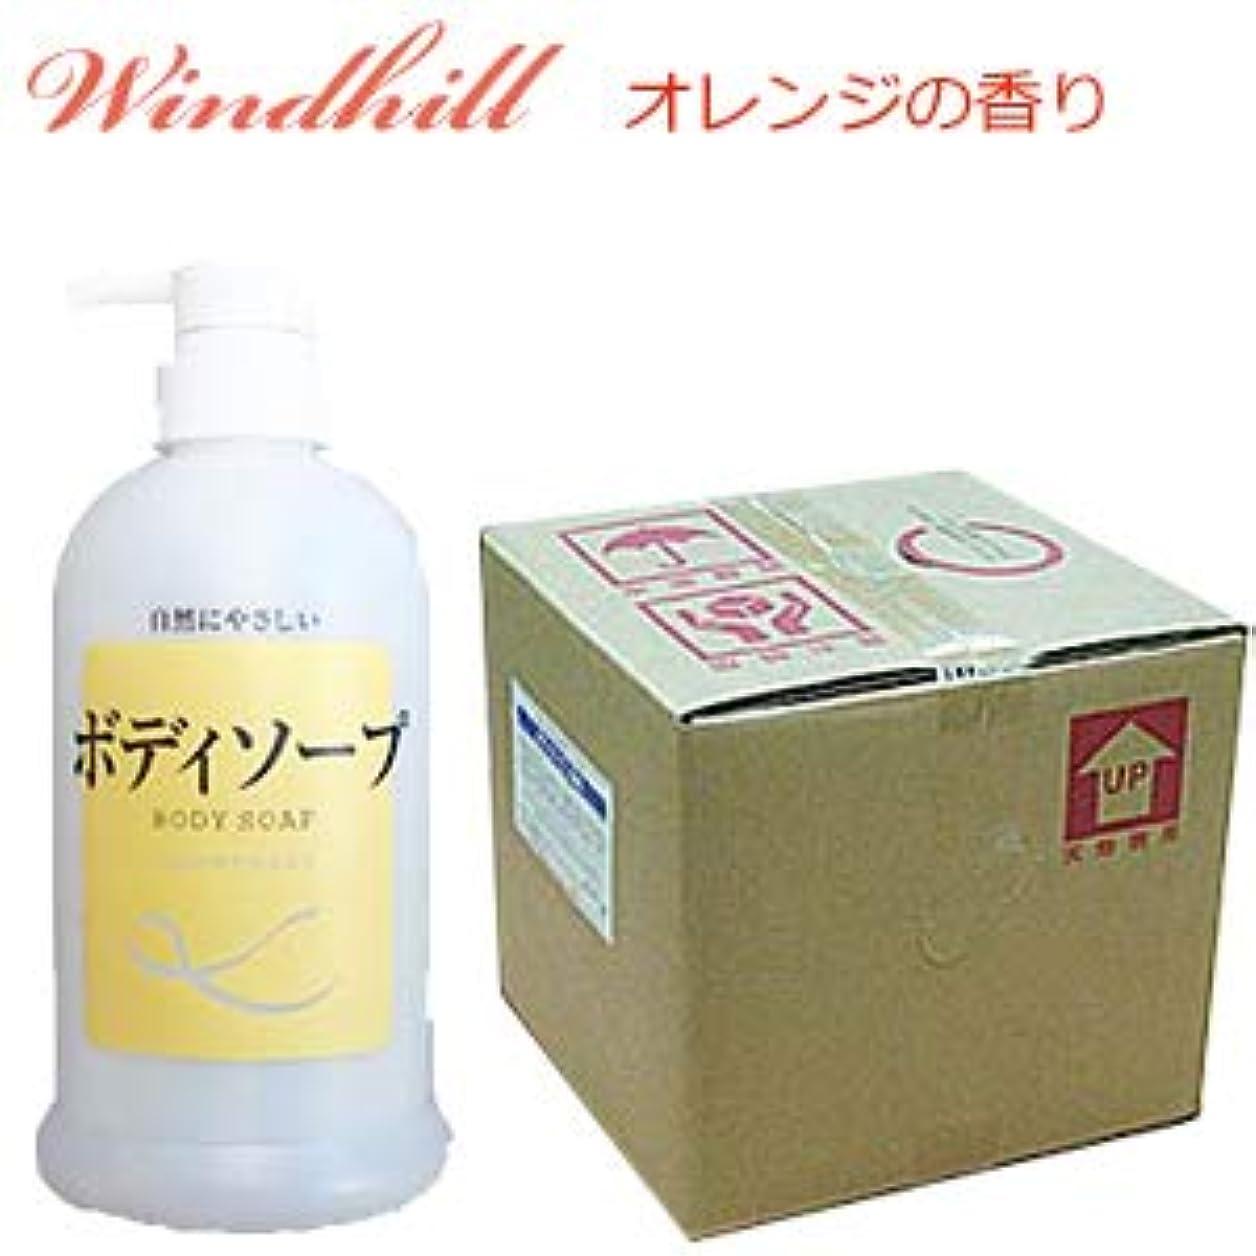 速報縫い目熟考するWindhill 植物性 業務用ボディソープオレンジの香り 20L(1セット20L入)